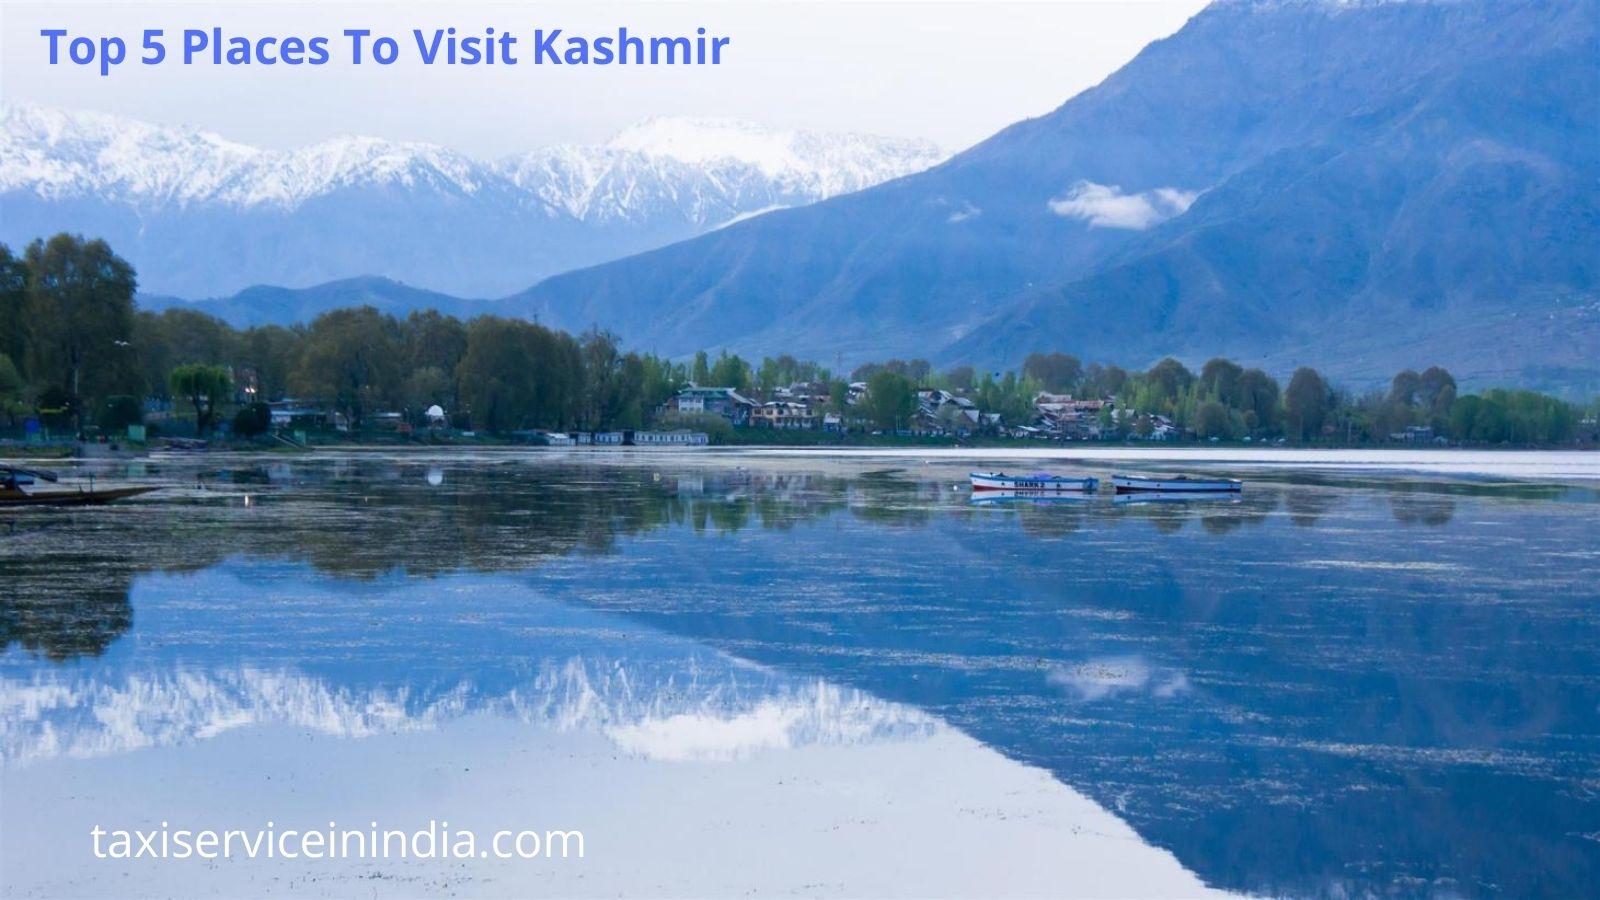 Top 5 Places To Visit Kashmir